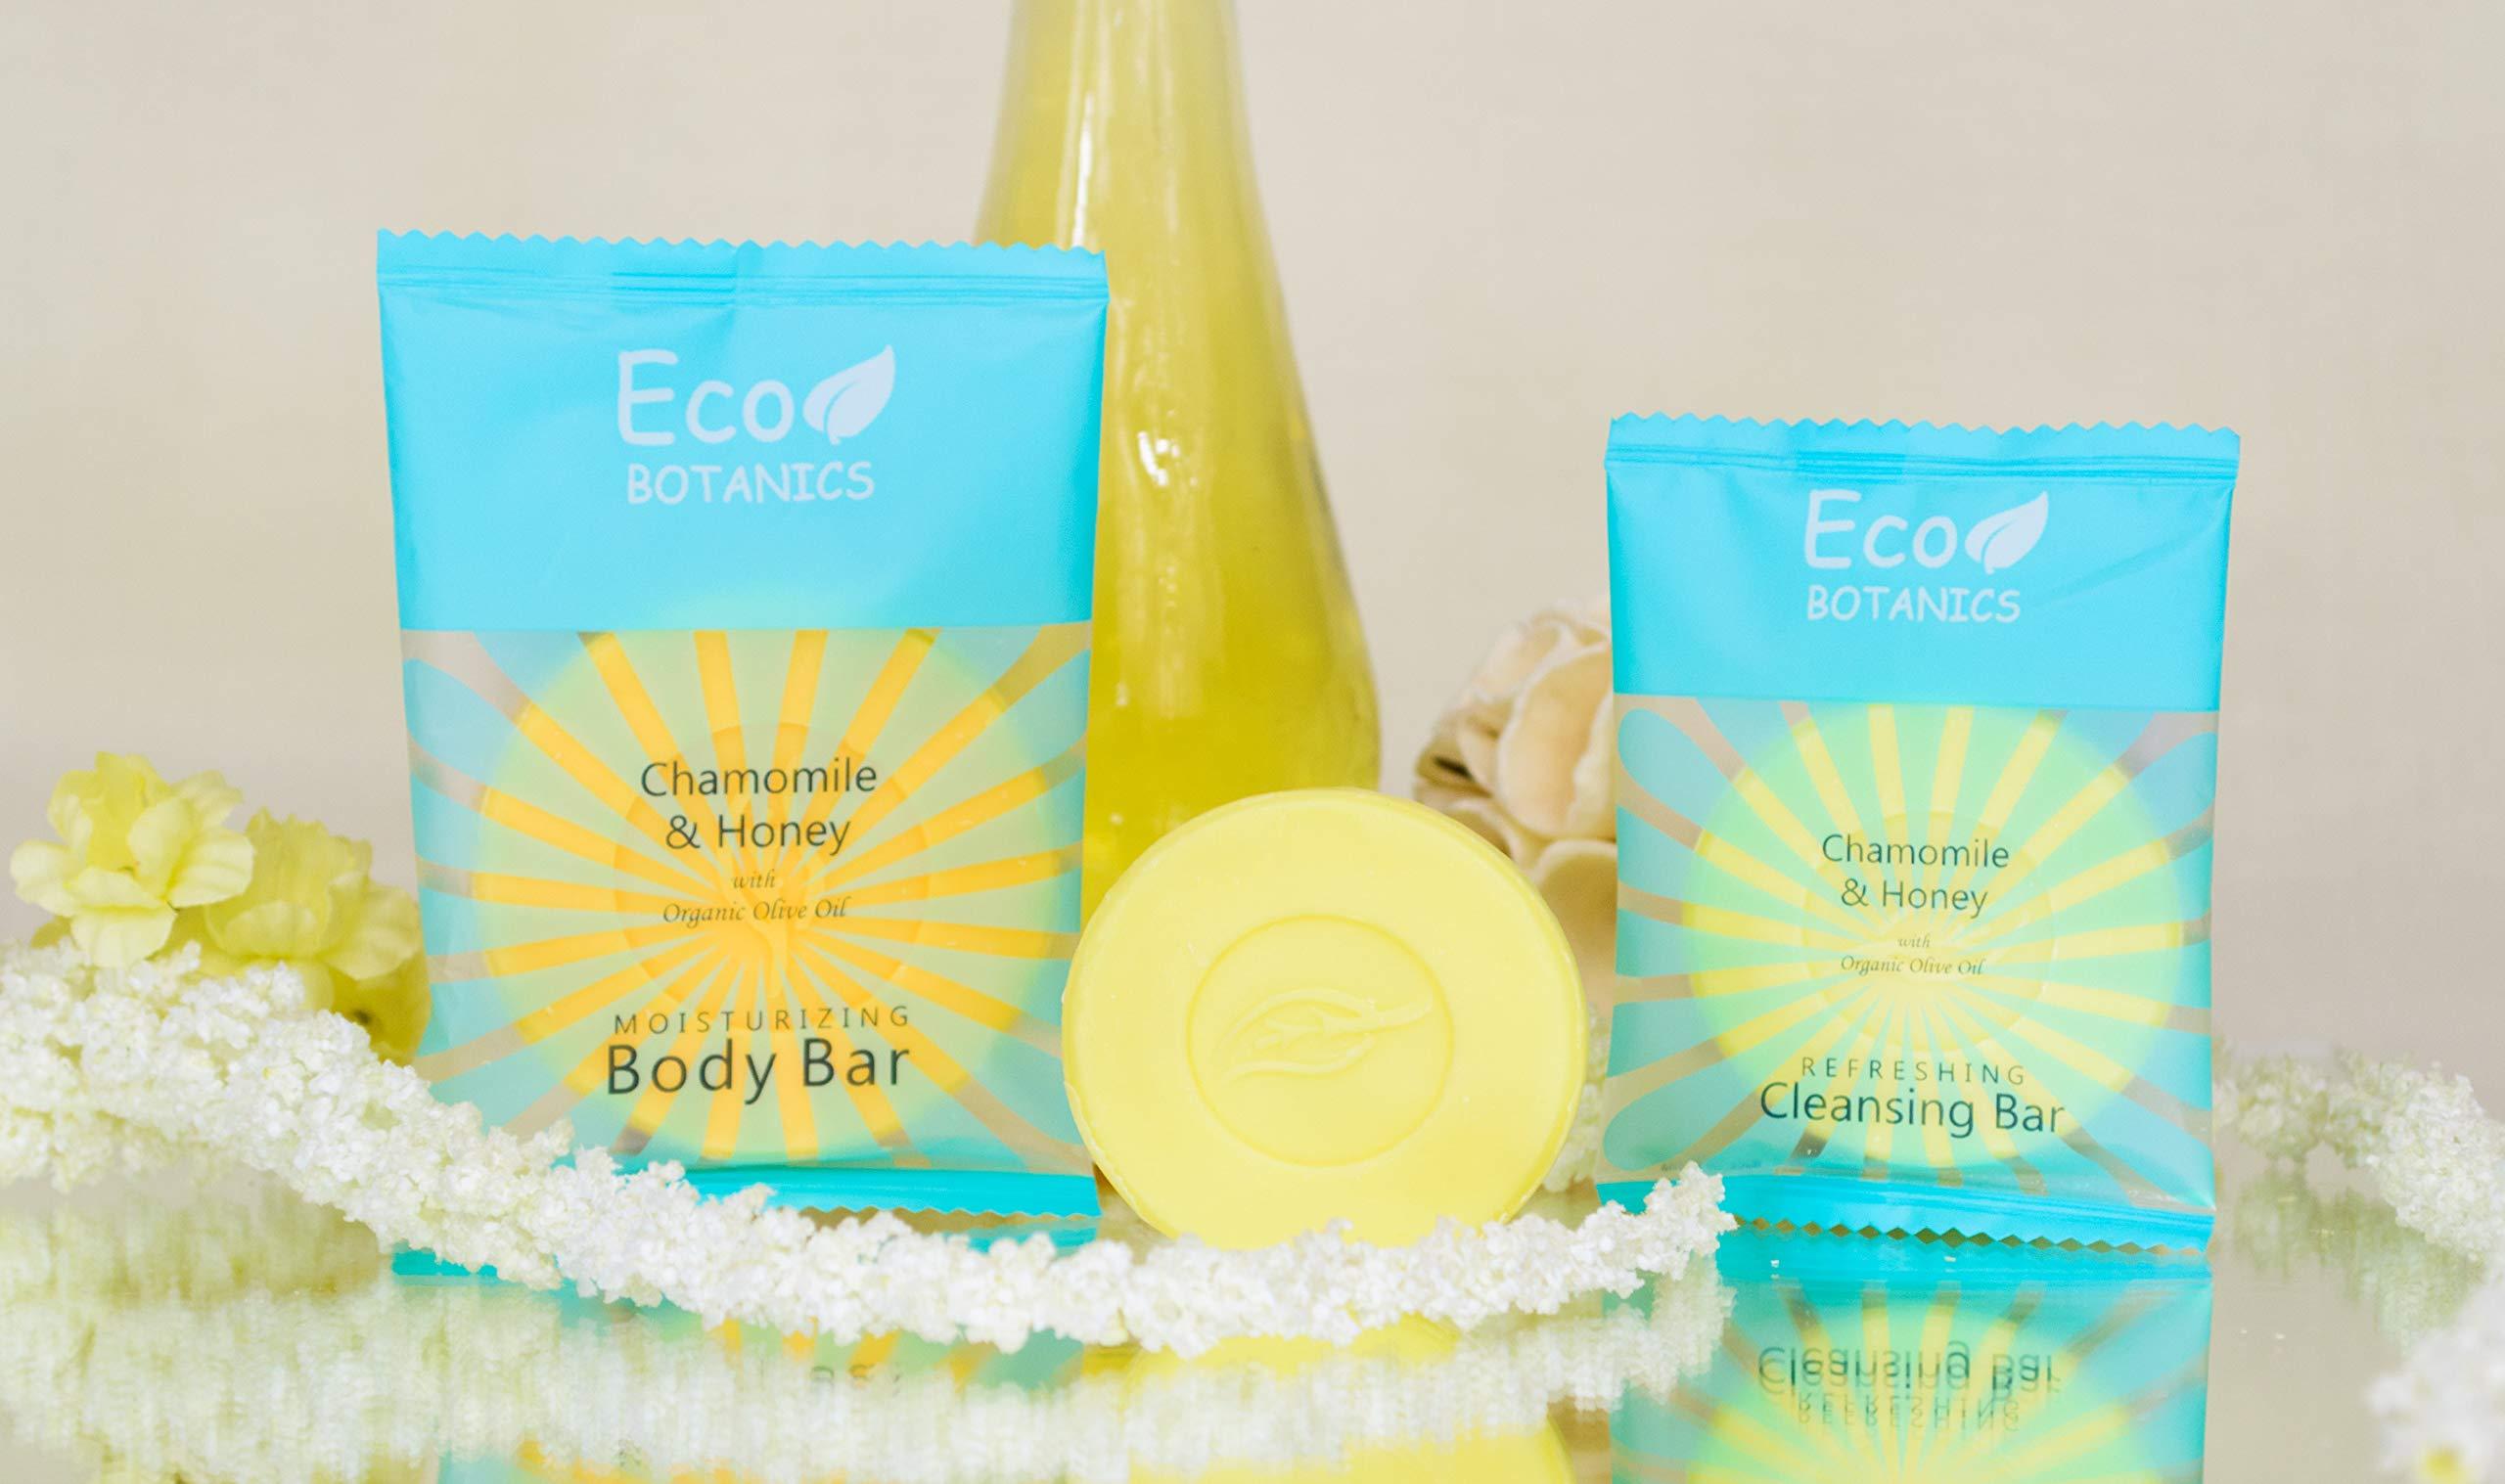 Eco Botanics Travel-Size Hotel Cleansing Bar Soap, .5 oz (Case of 250) by Eco Botanics (Image #5)